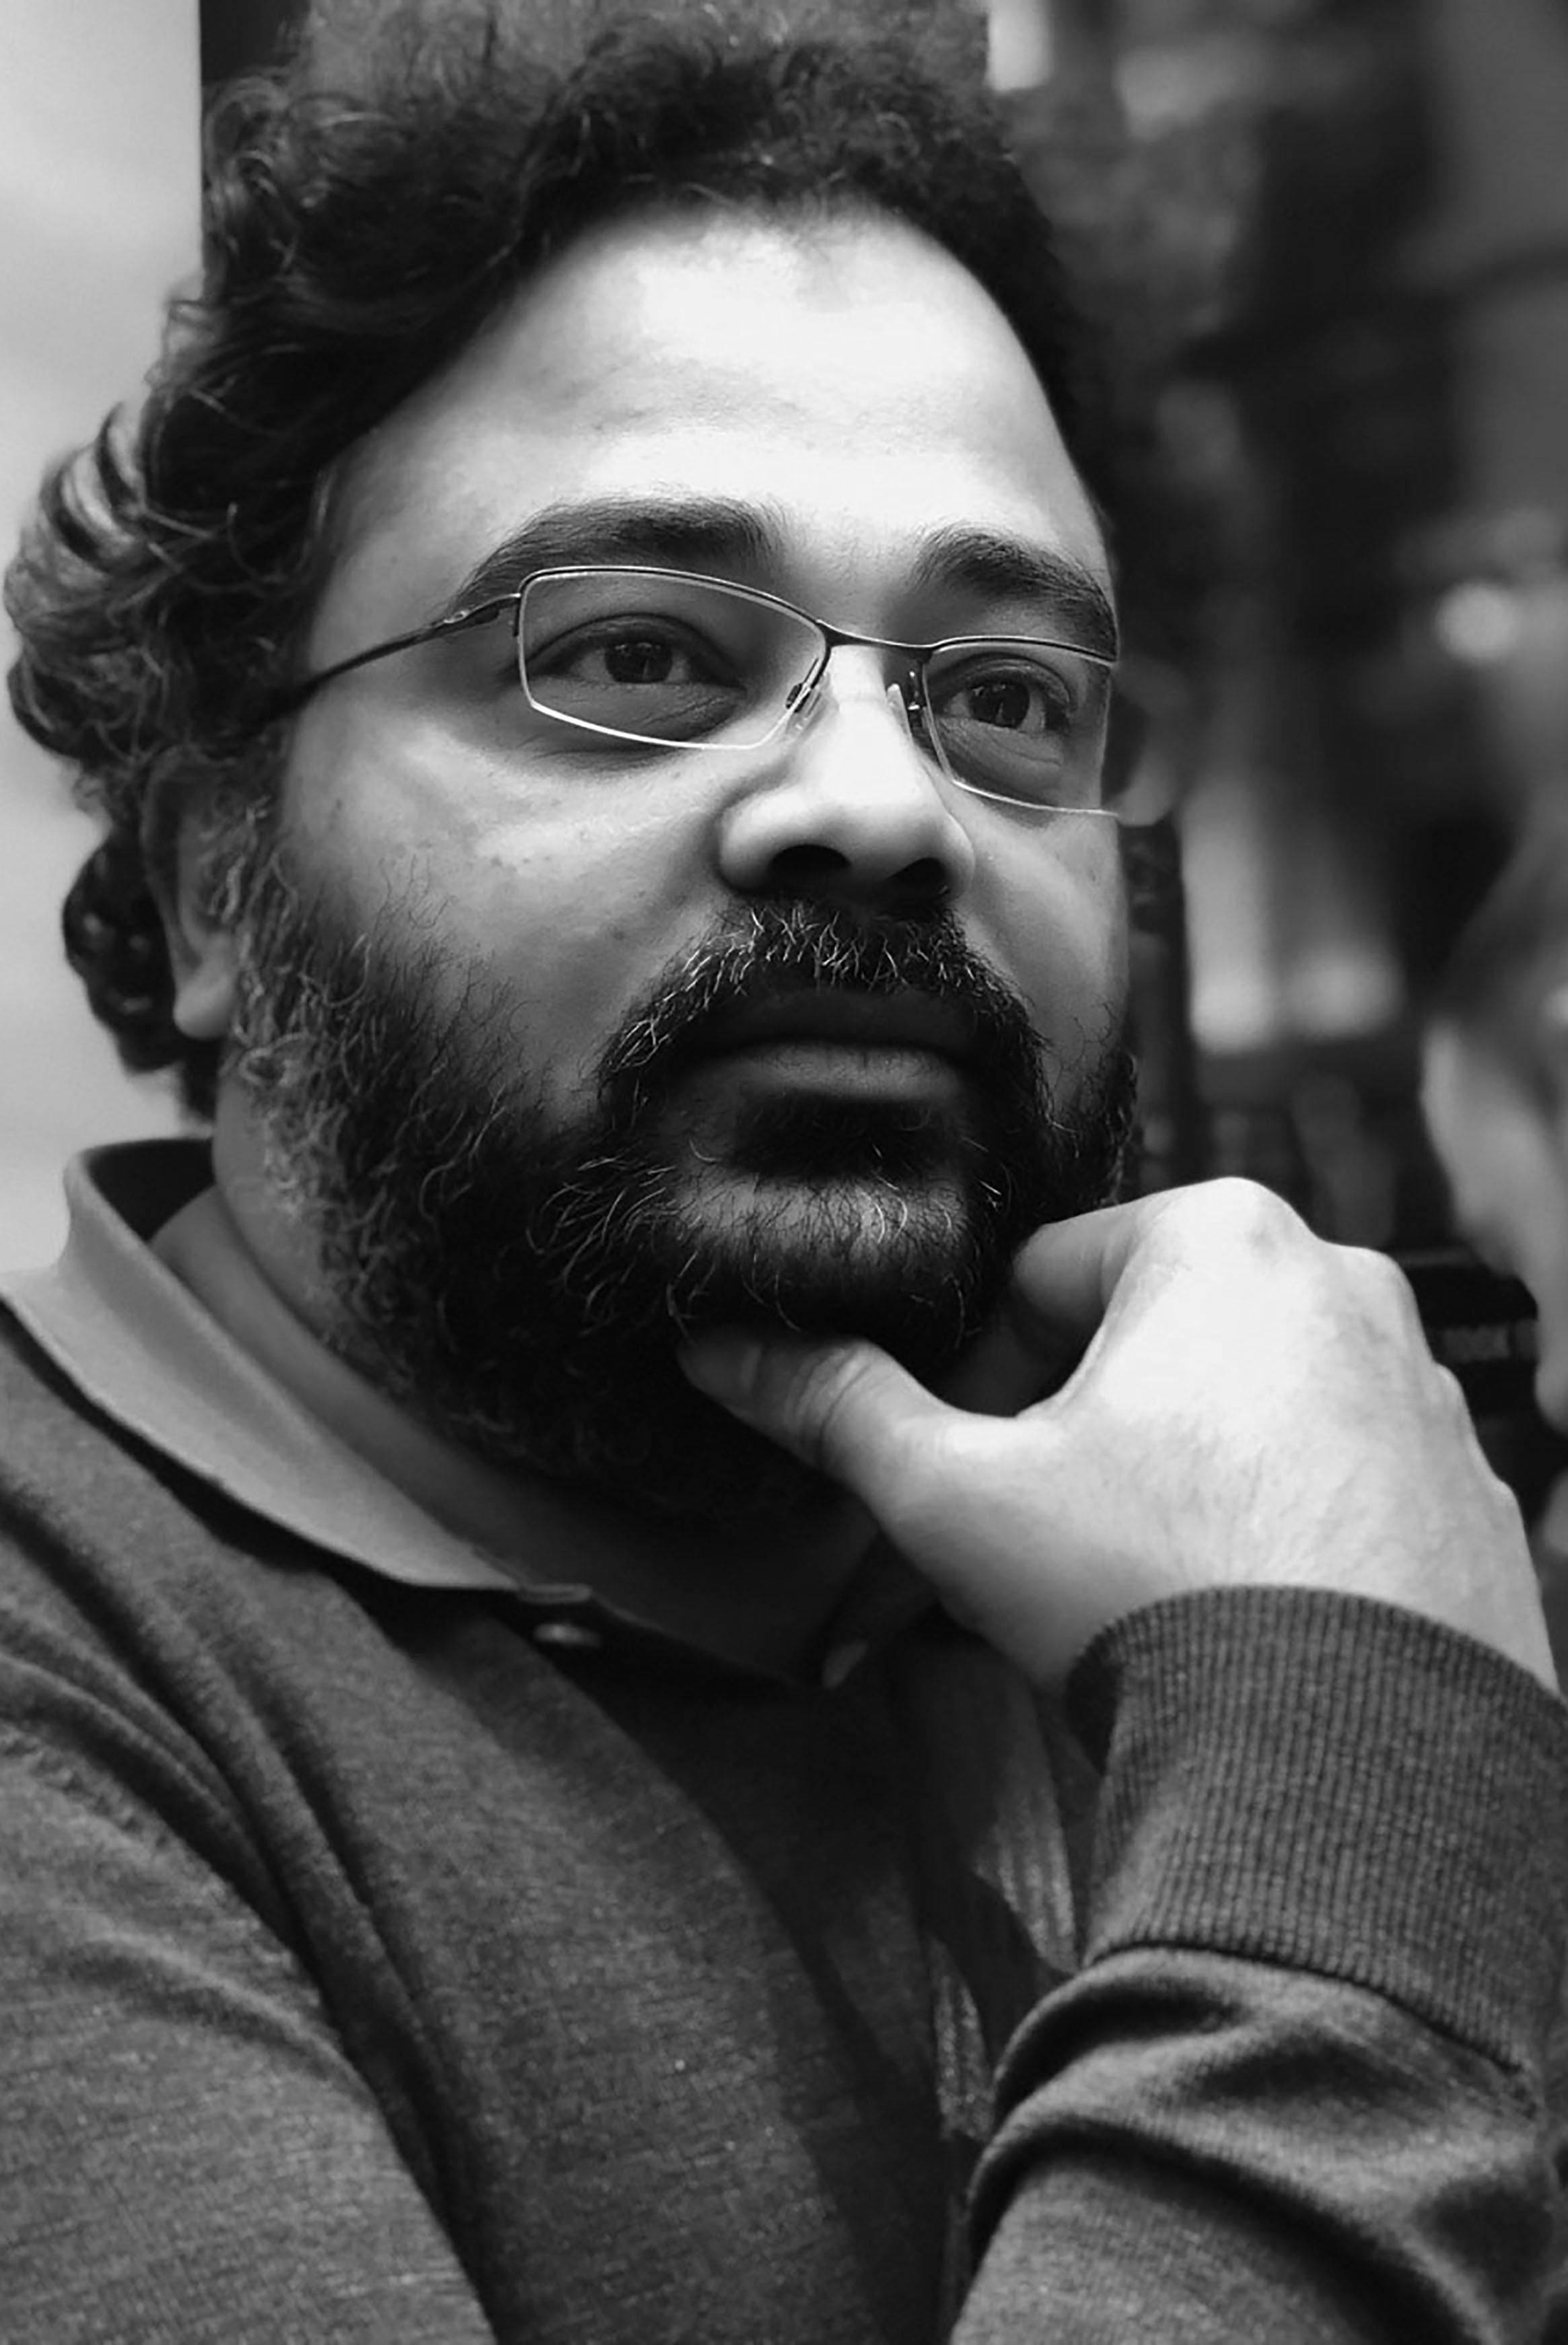 Satyajeet Sarang